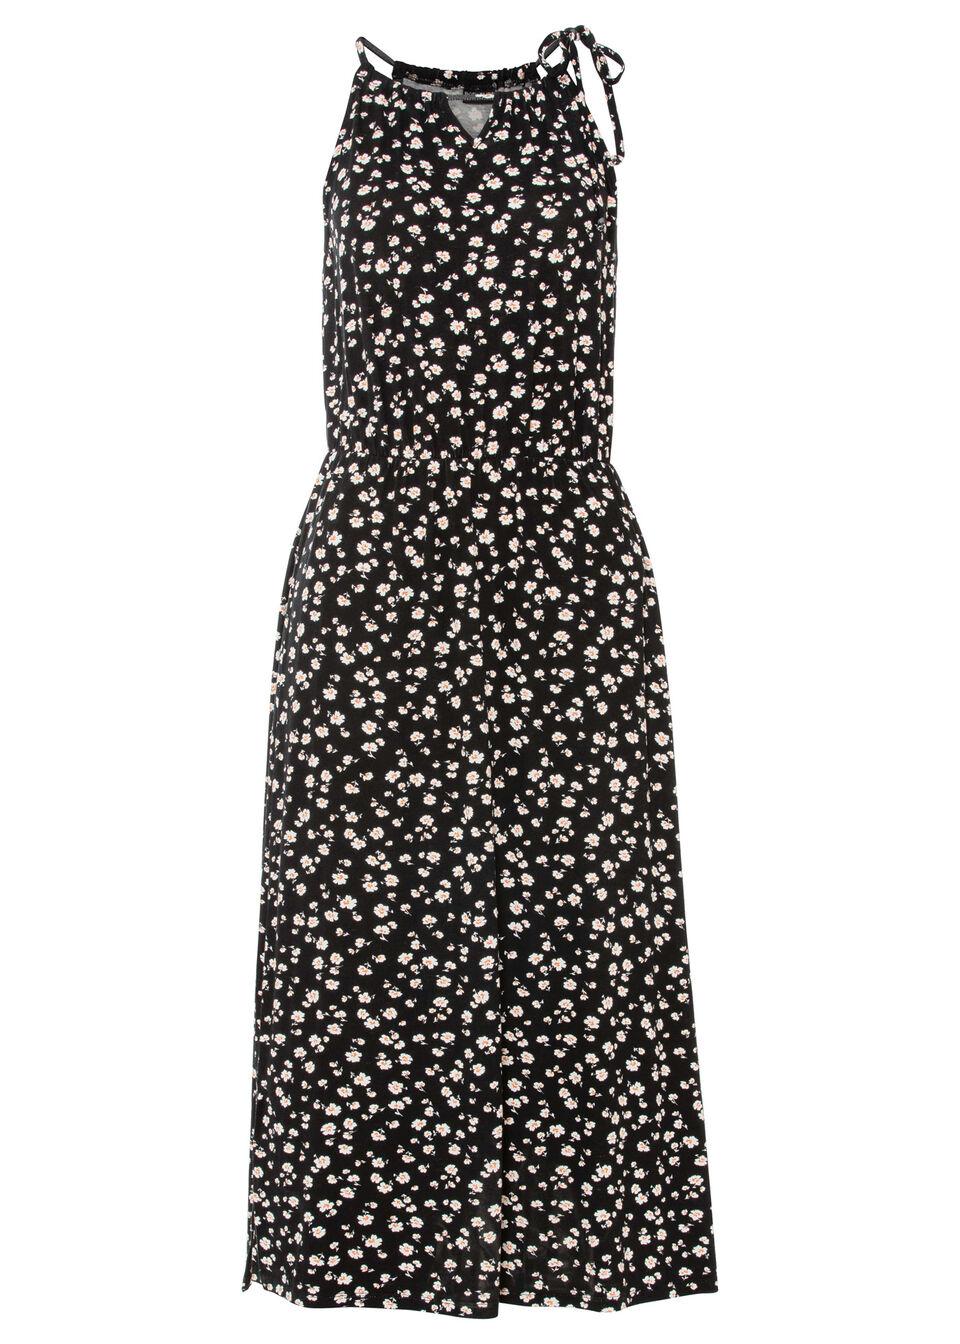 Sukienka midi z nadrukiem, z przyjaznej dla środowiska wiskozy bonprix czarny w kwiaty